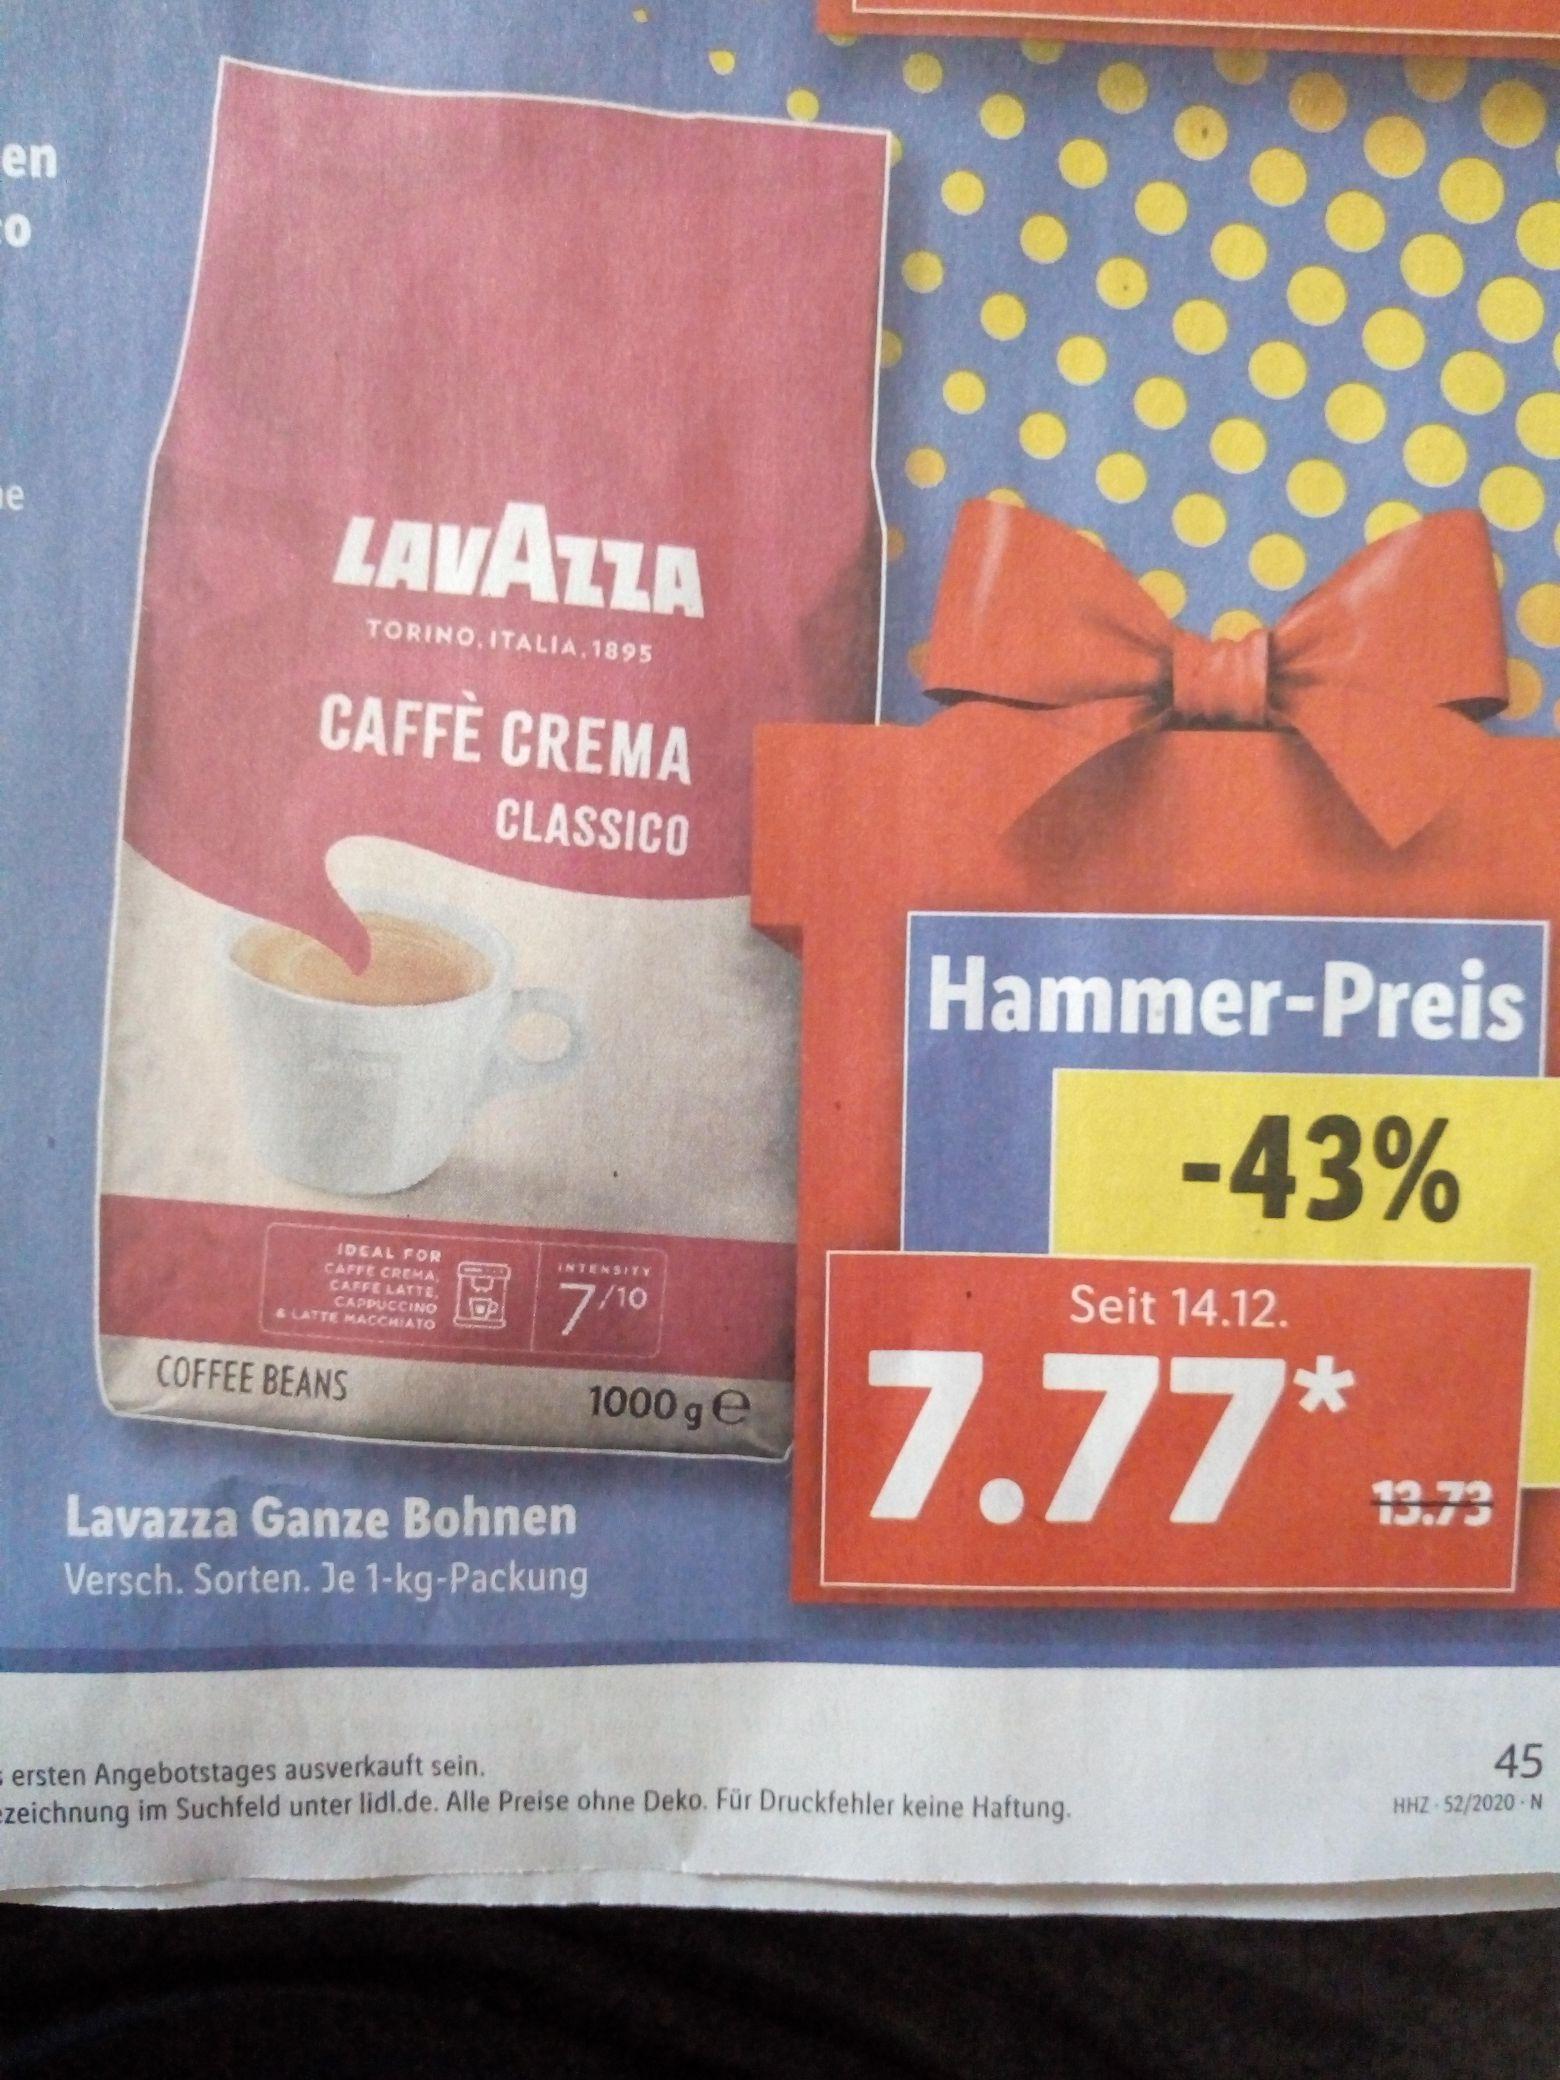 LavAzza Ganze Bohnen bei Lidl und Netto